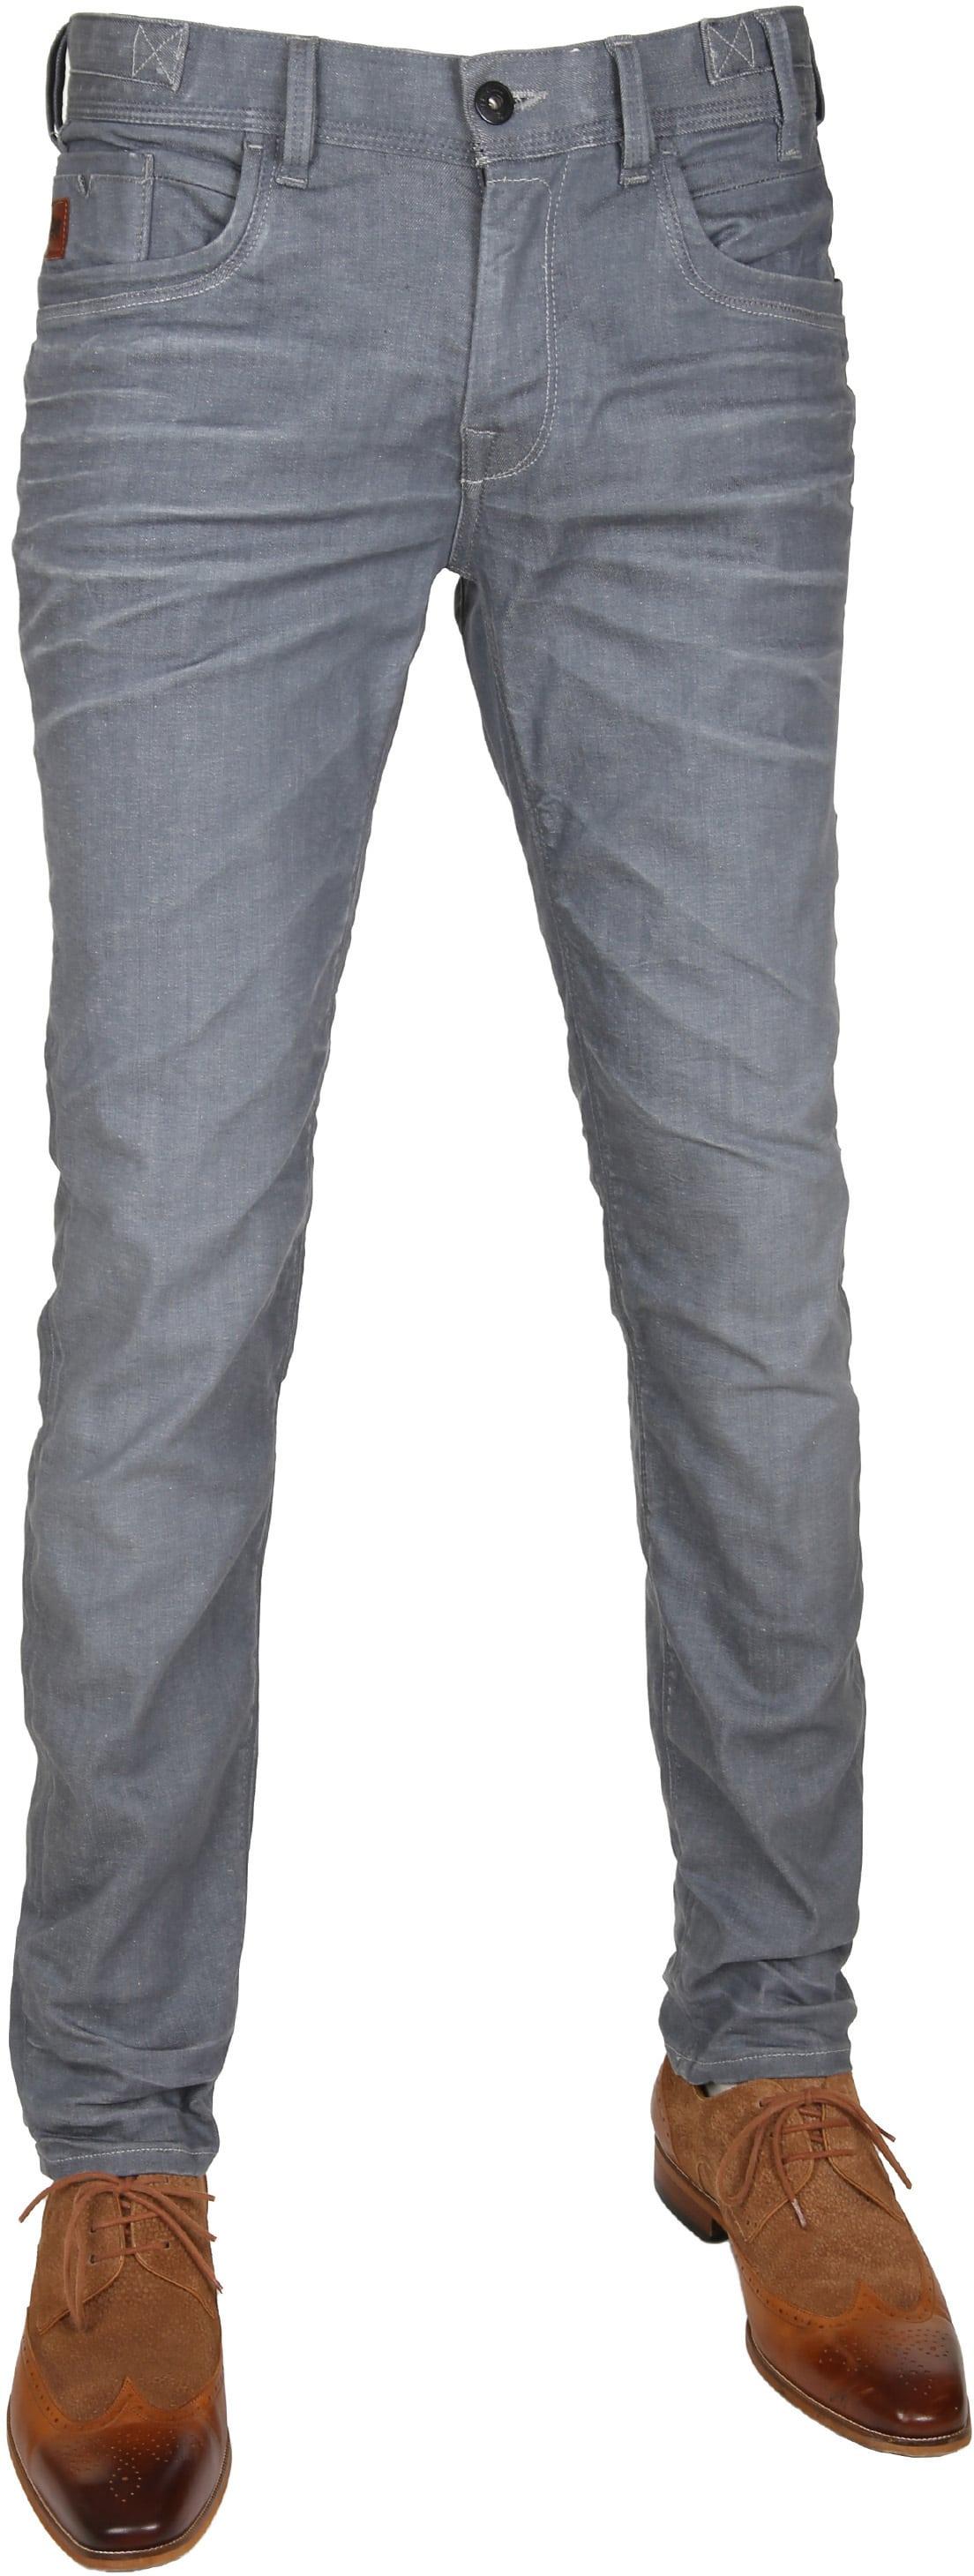 Vanguard V8 Racer Jeans Bleached Dark Grey foto 0